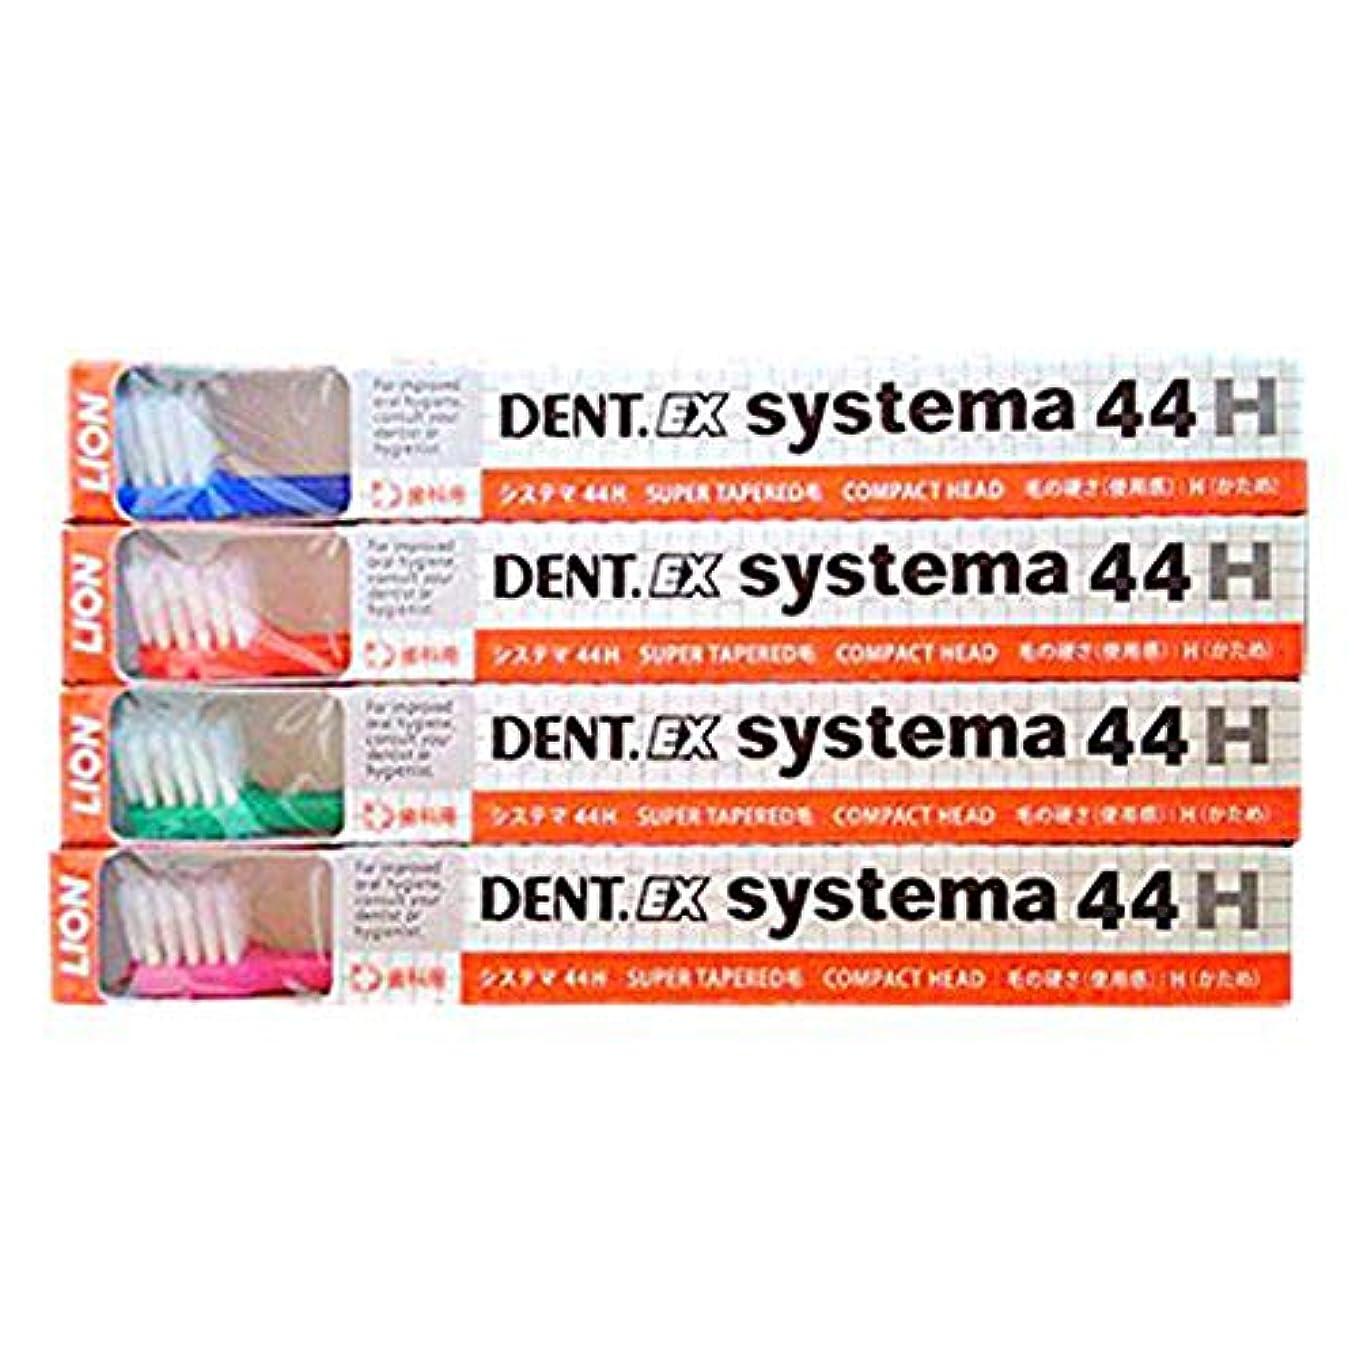 ライオネルグリーンストリートかる閉じ込めるデント 歯ブラシ DENT EX システマ 4色アソート 20本入り 44H